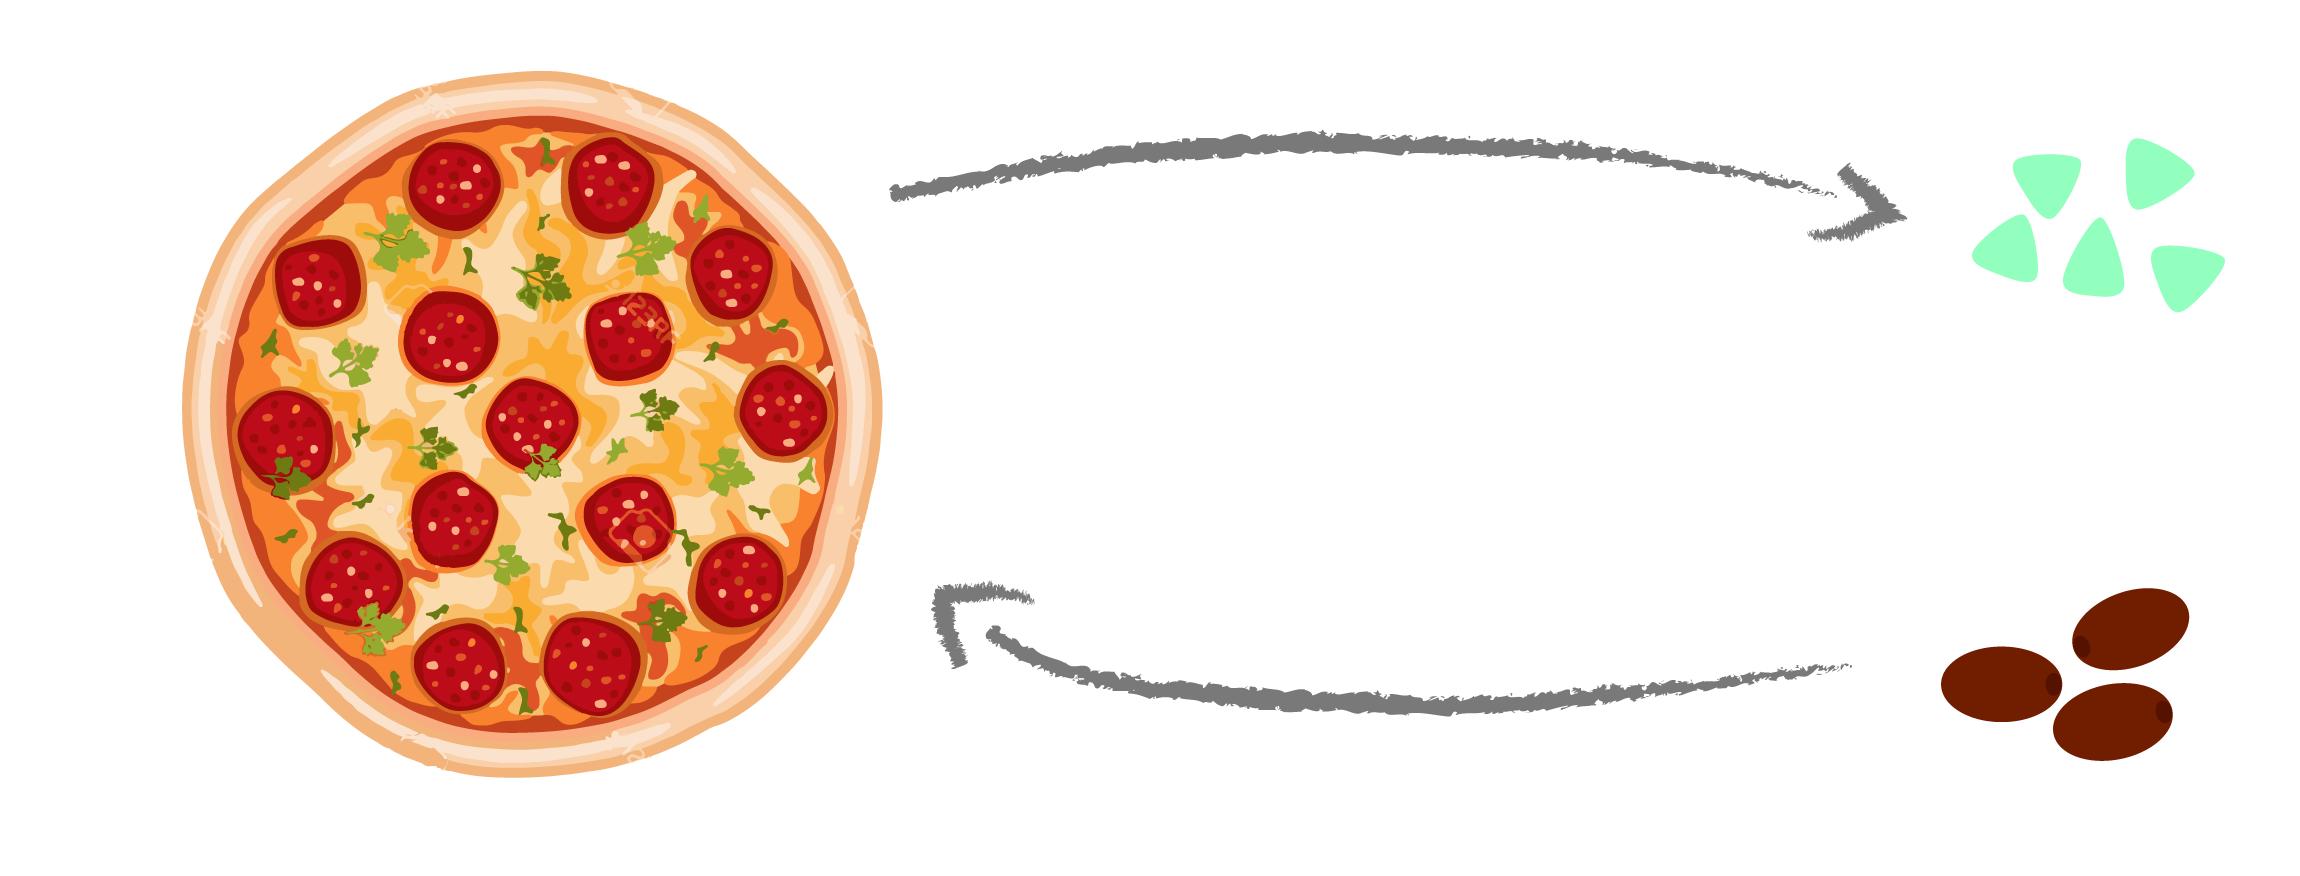 Builder-pattern erklärt anhand von Pizza, Artisckocken und Oliven